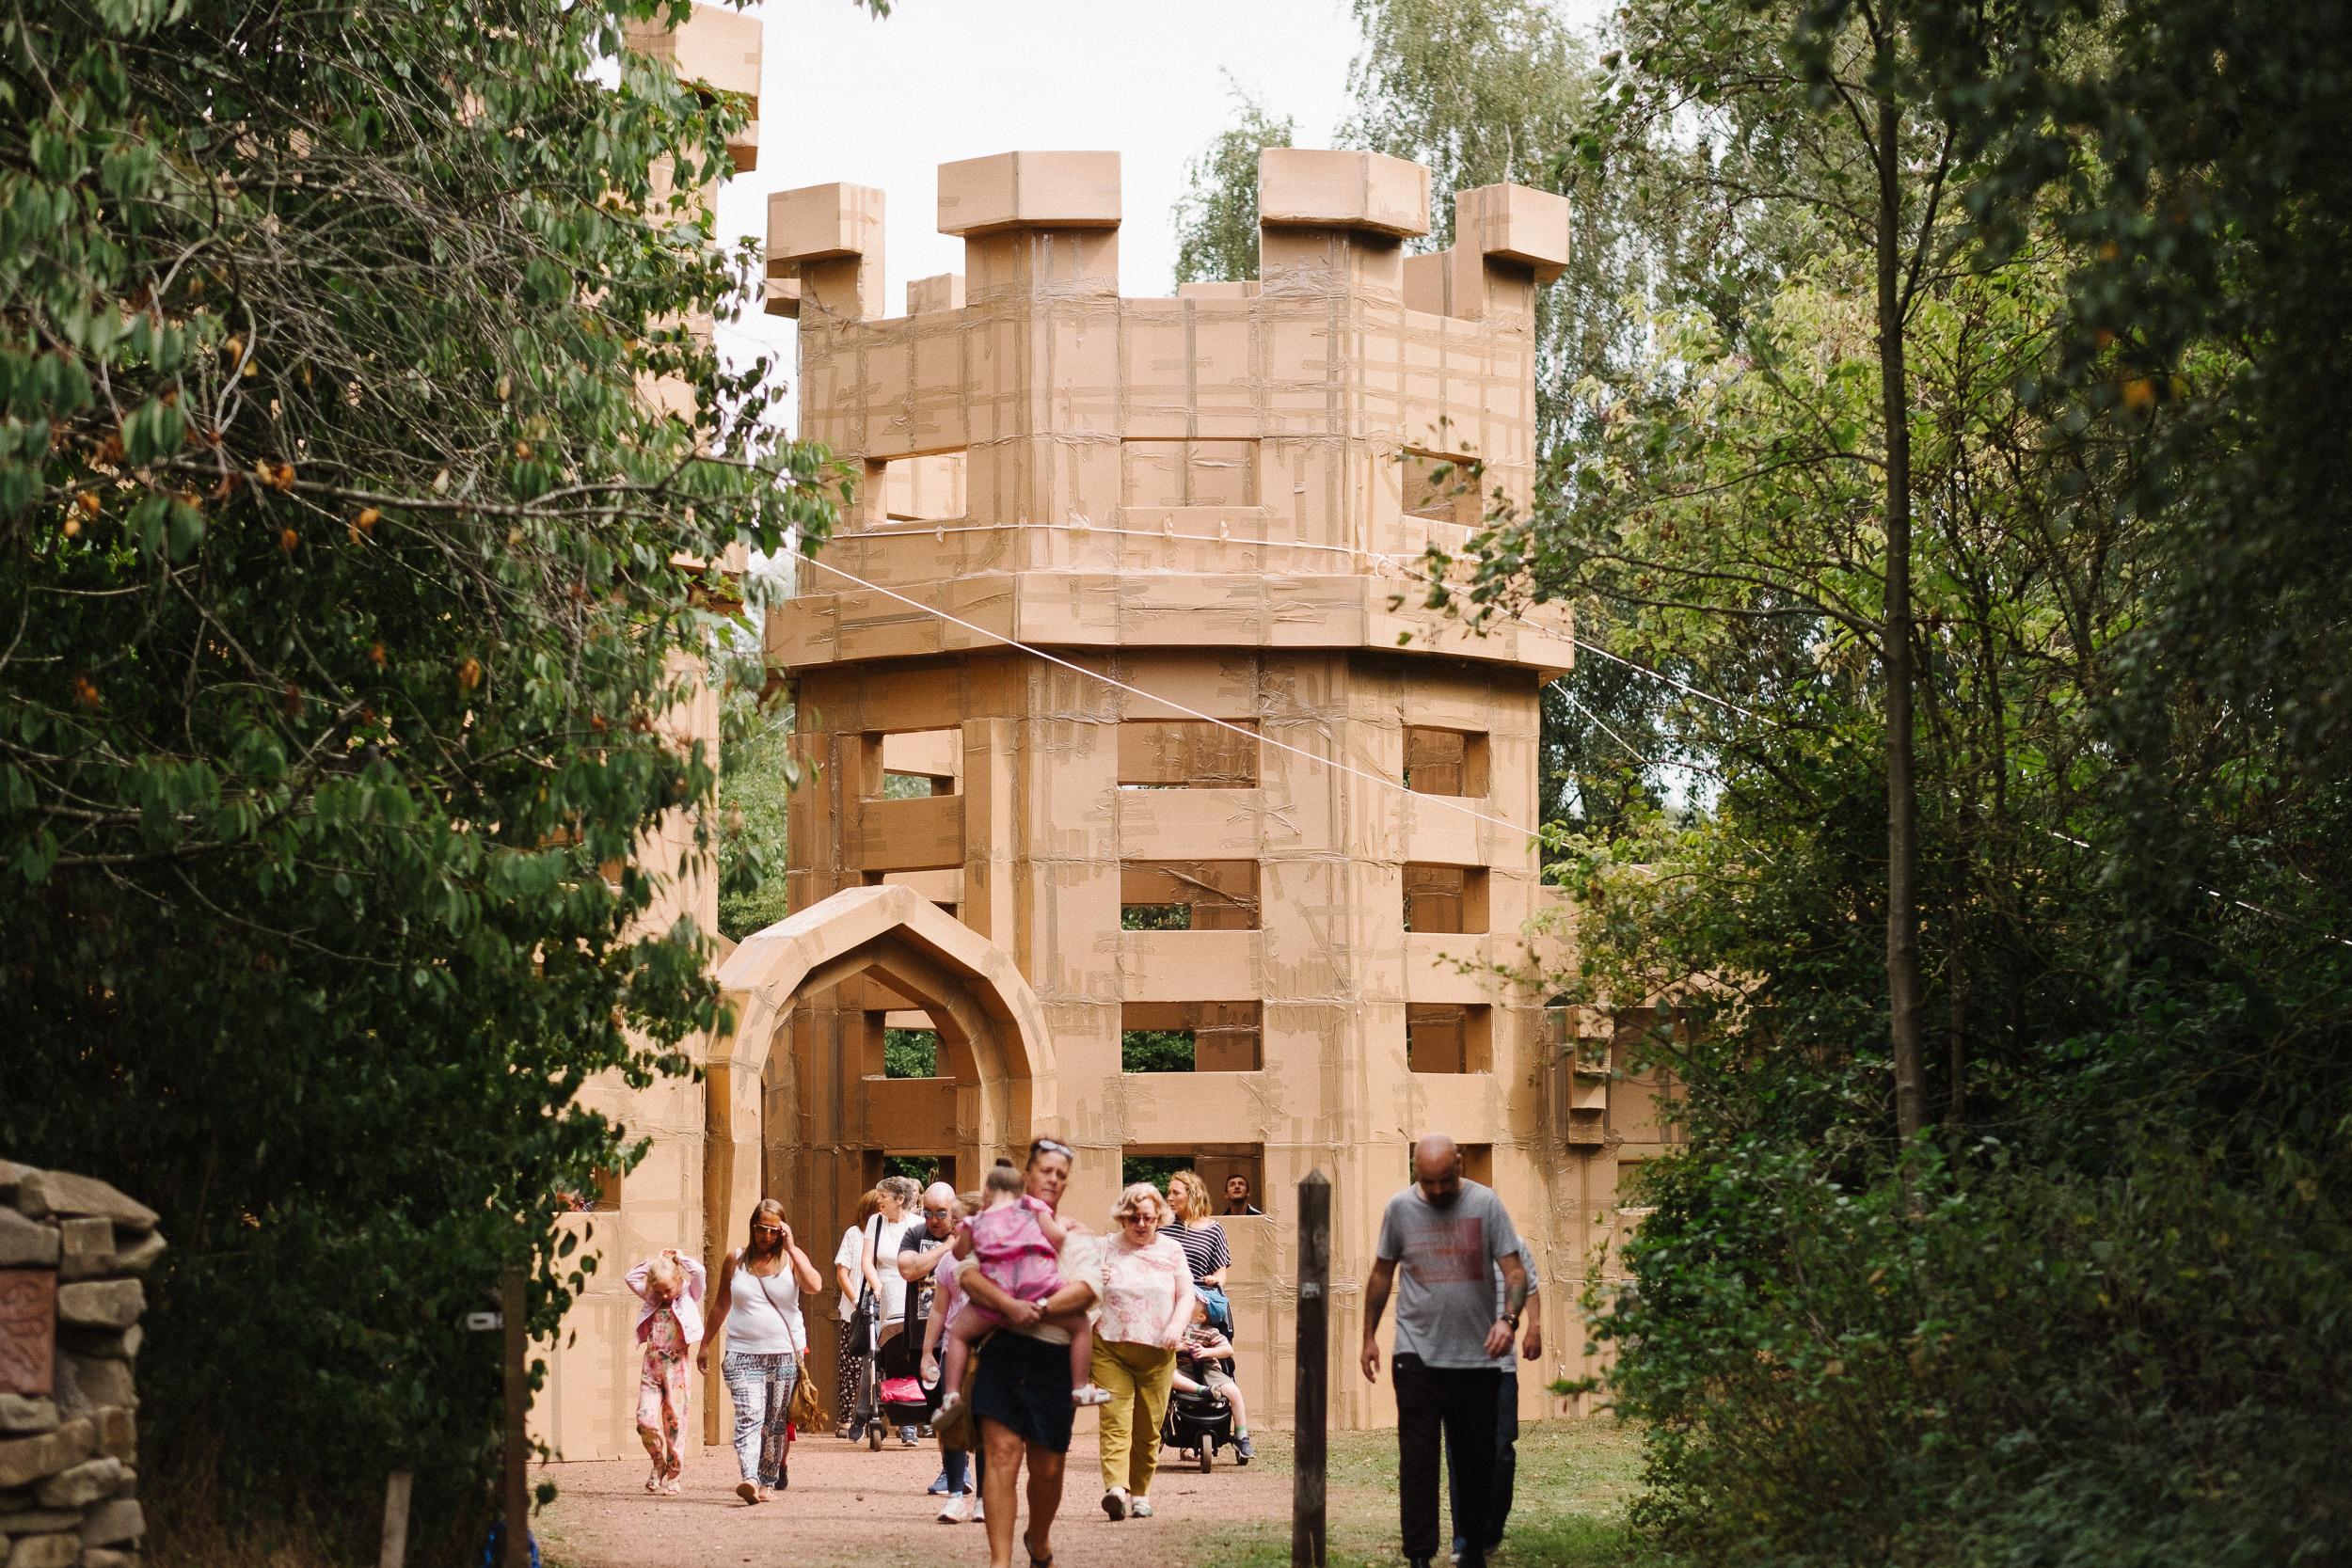 03-Lost-Castles-DSCF4142-pete-carr-pete-carr.jpg